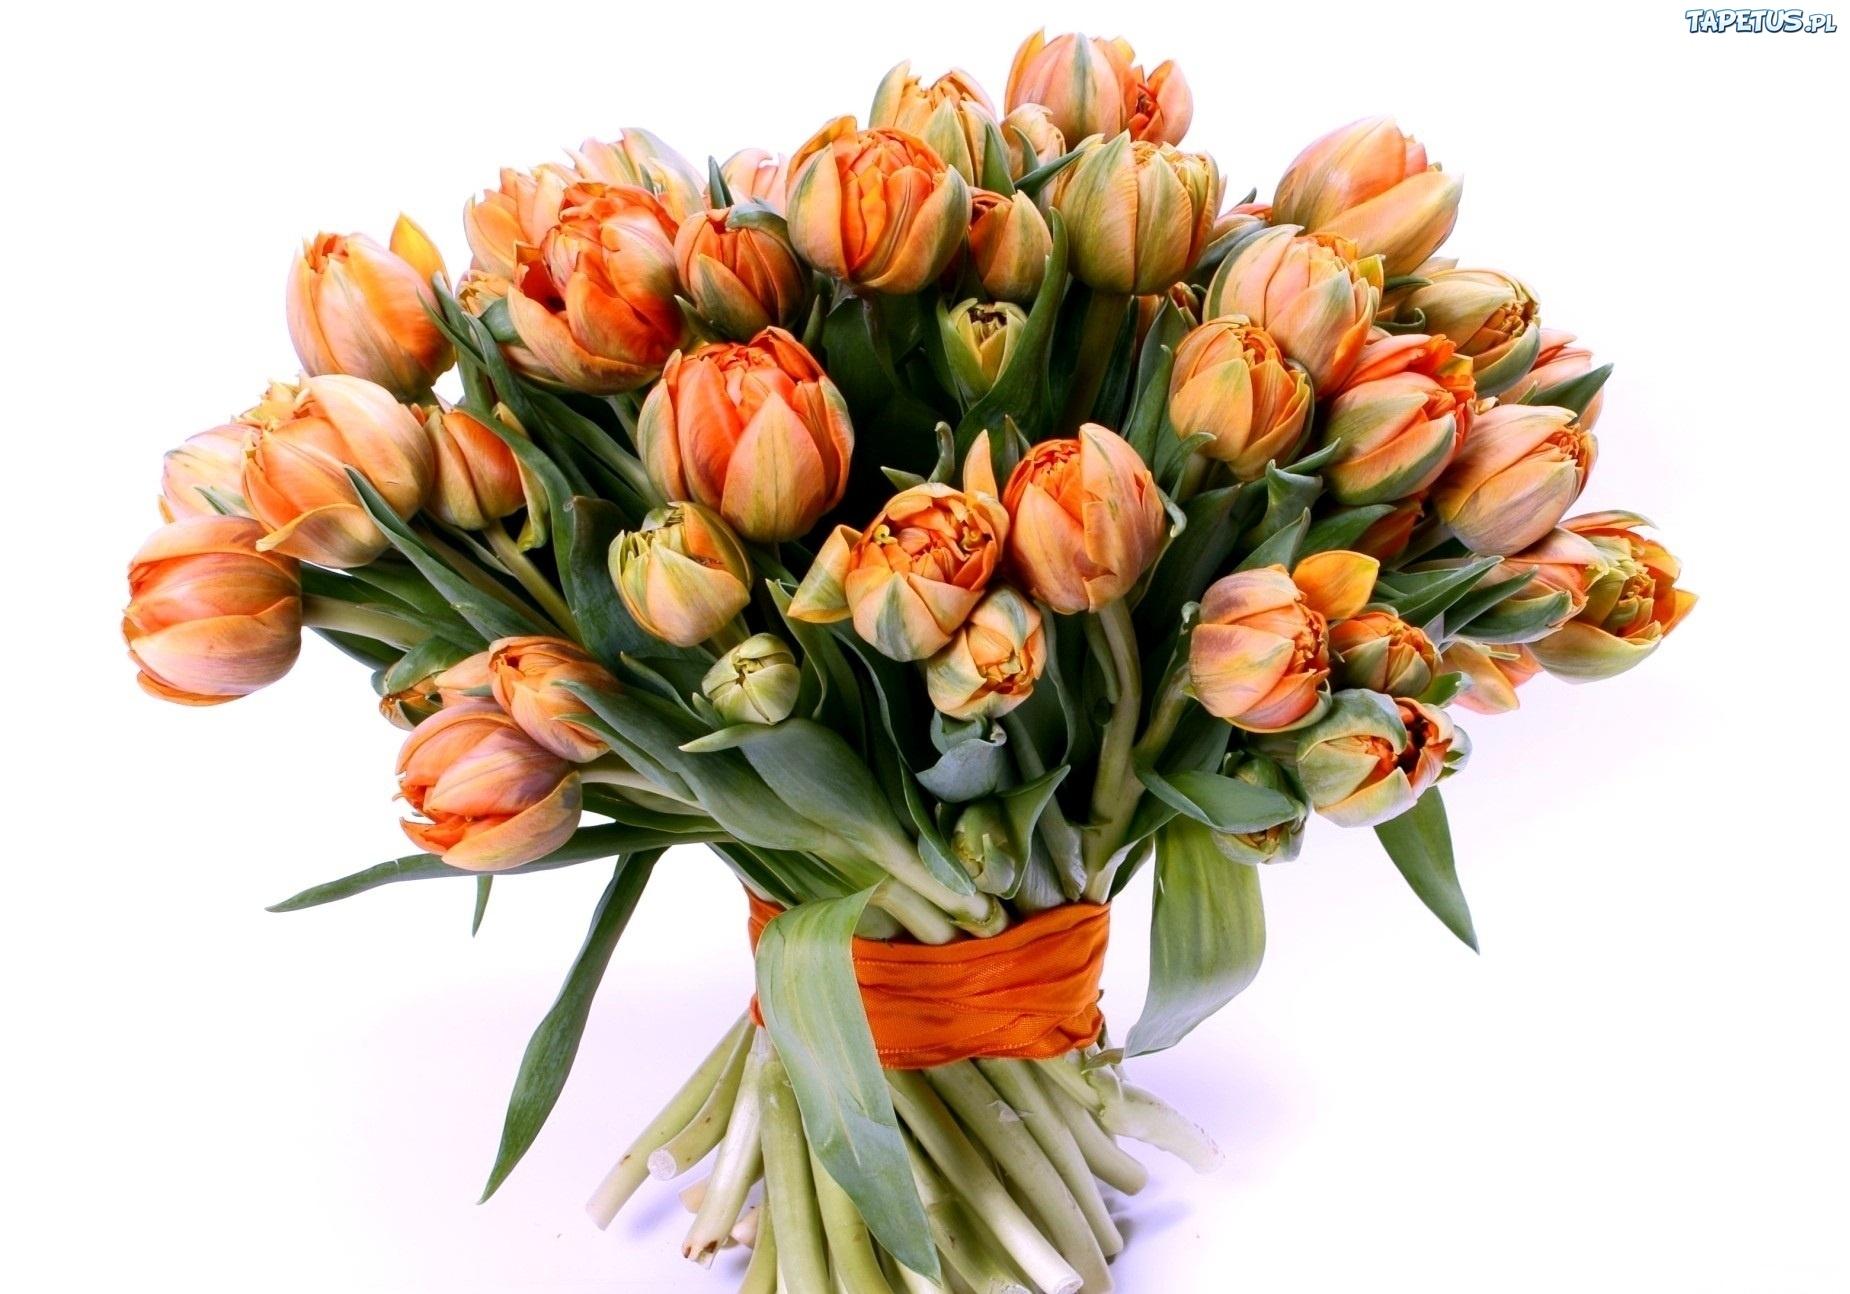 [Obrazek: 146460_bukiet-tulipanow.jpg]